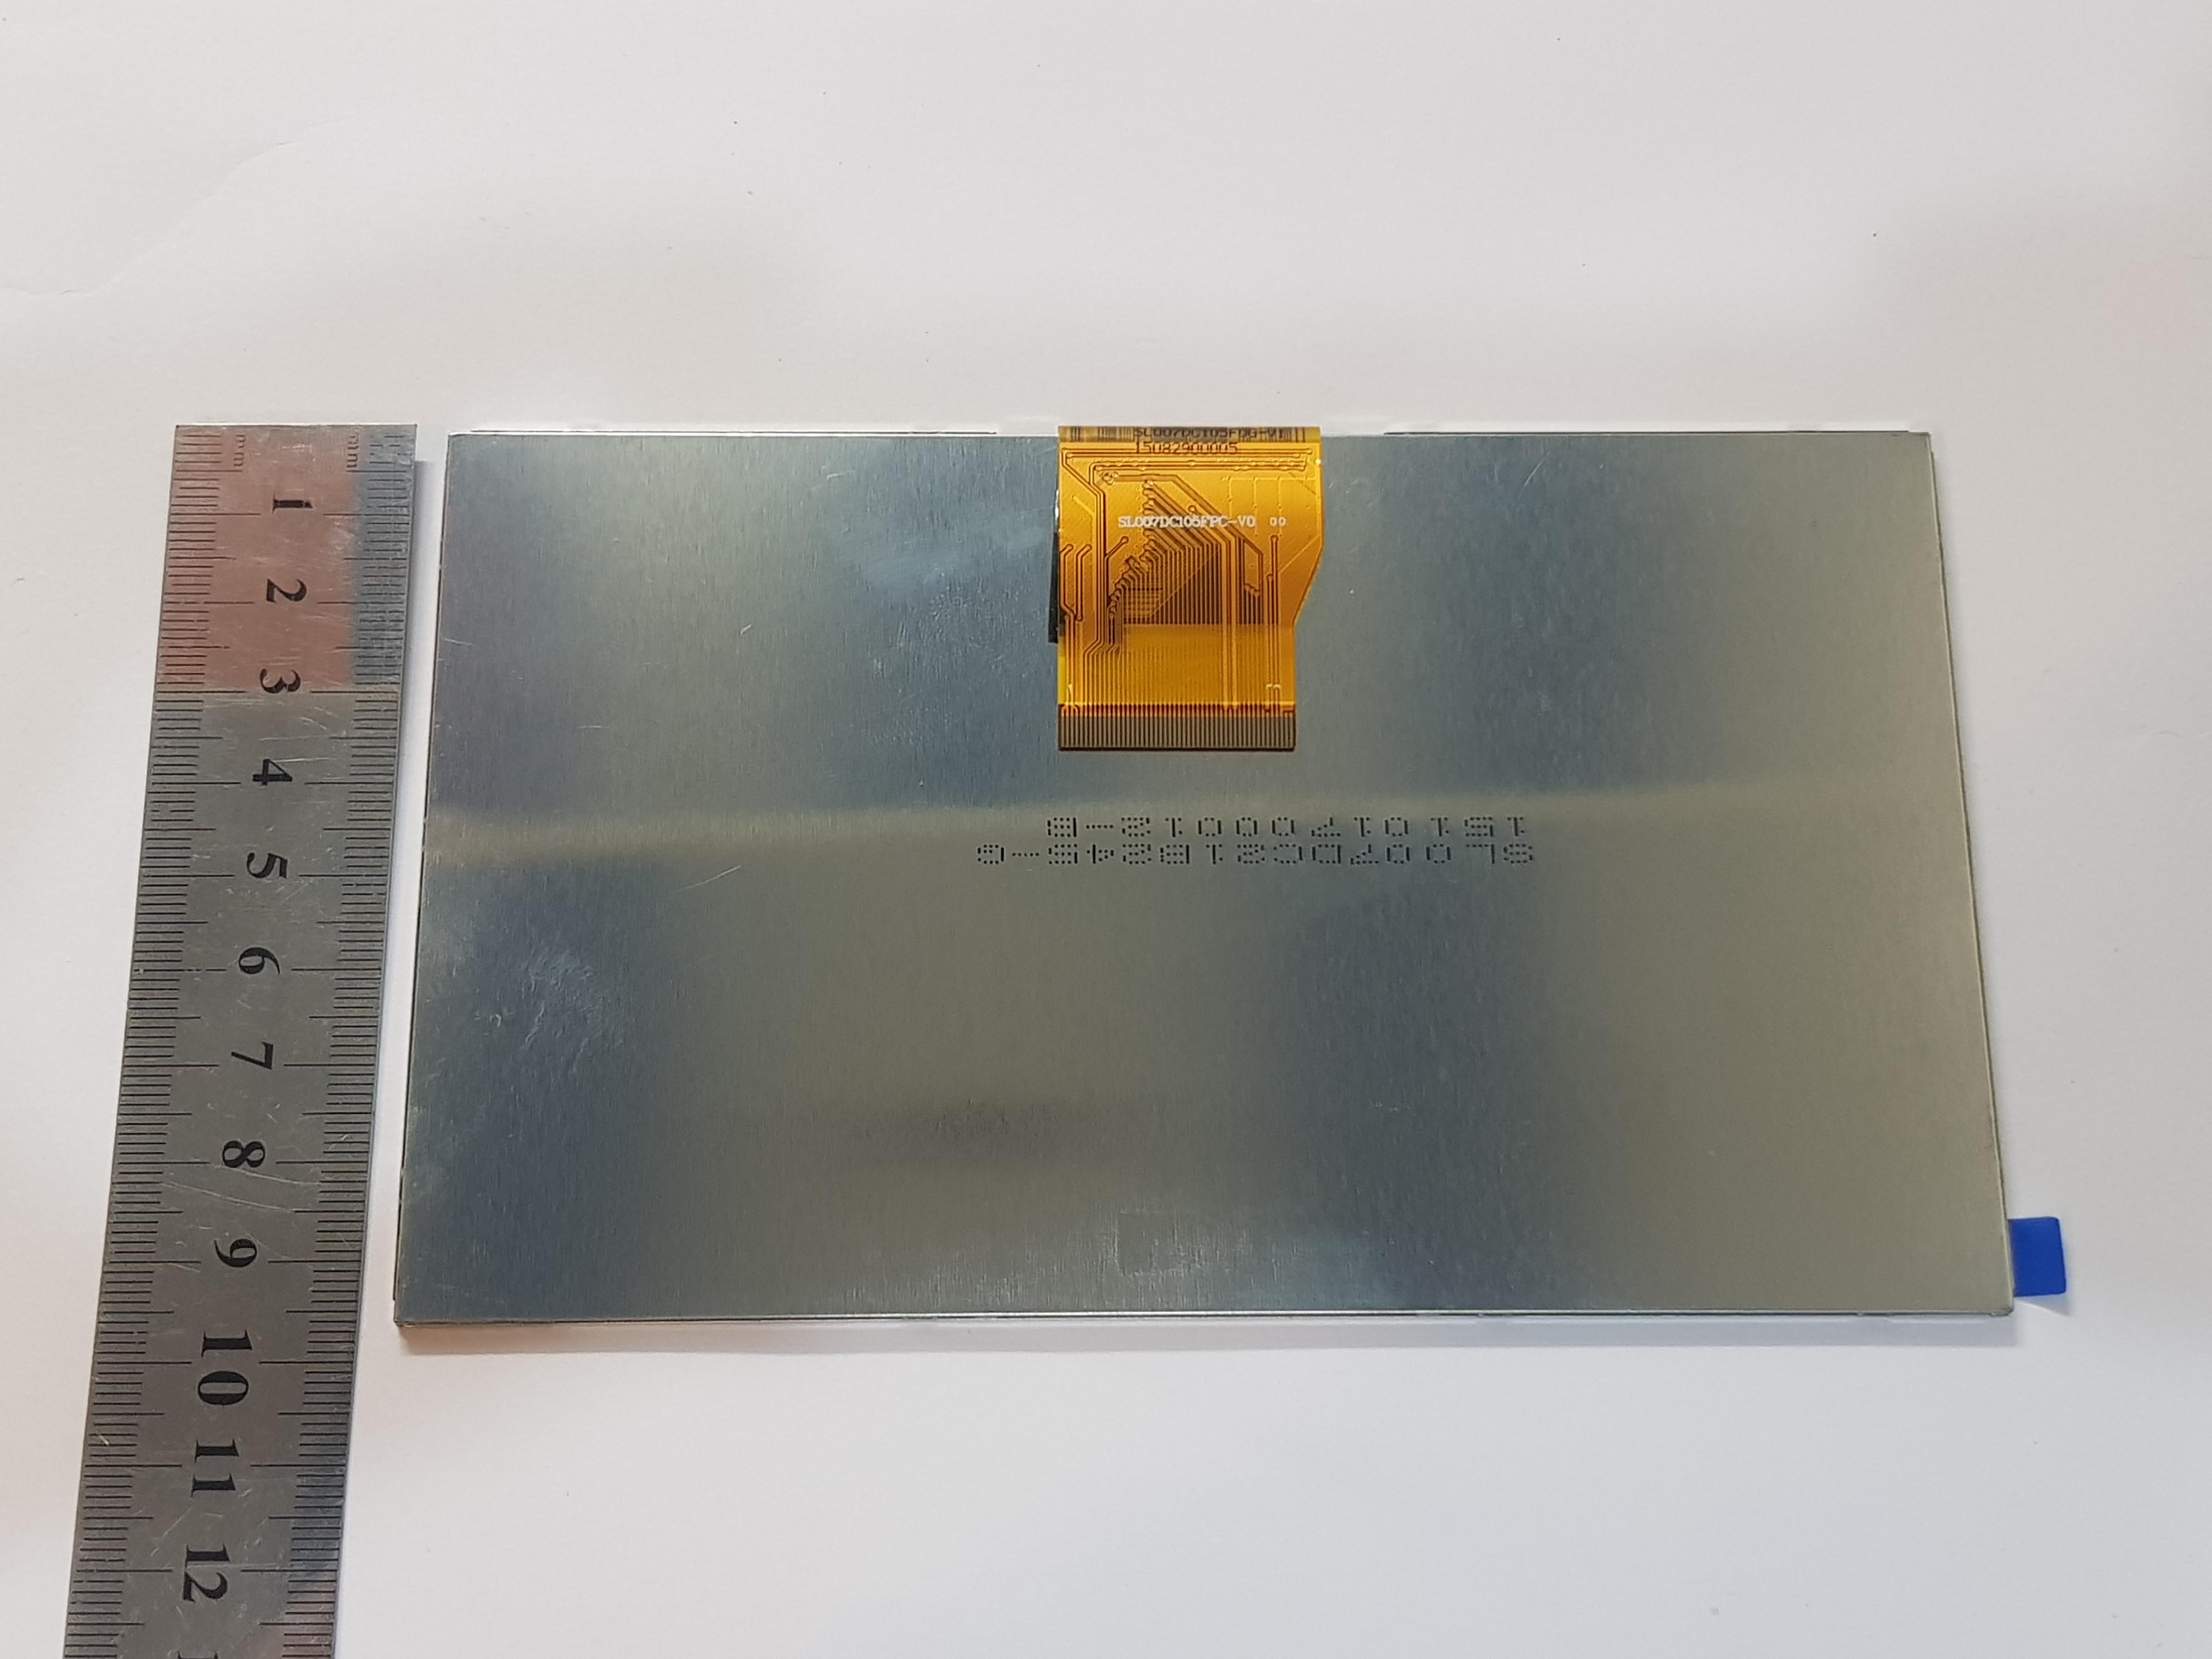 ال سی دی تبلت چینی 50 پایه فلت کوتاه - LCD CHINA 50 Pin Short FLAT TABLET